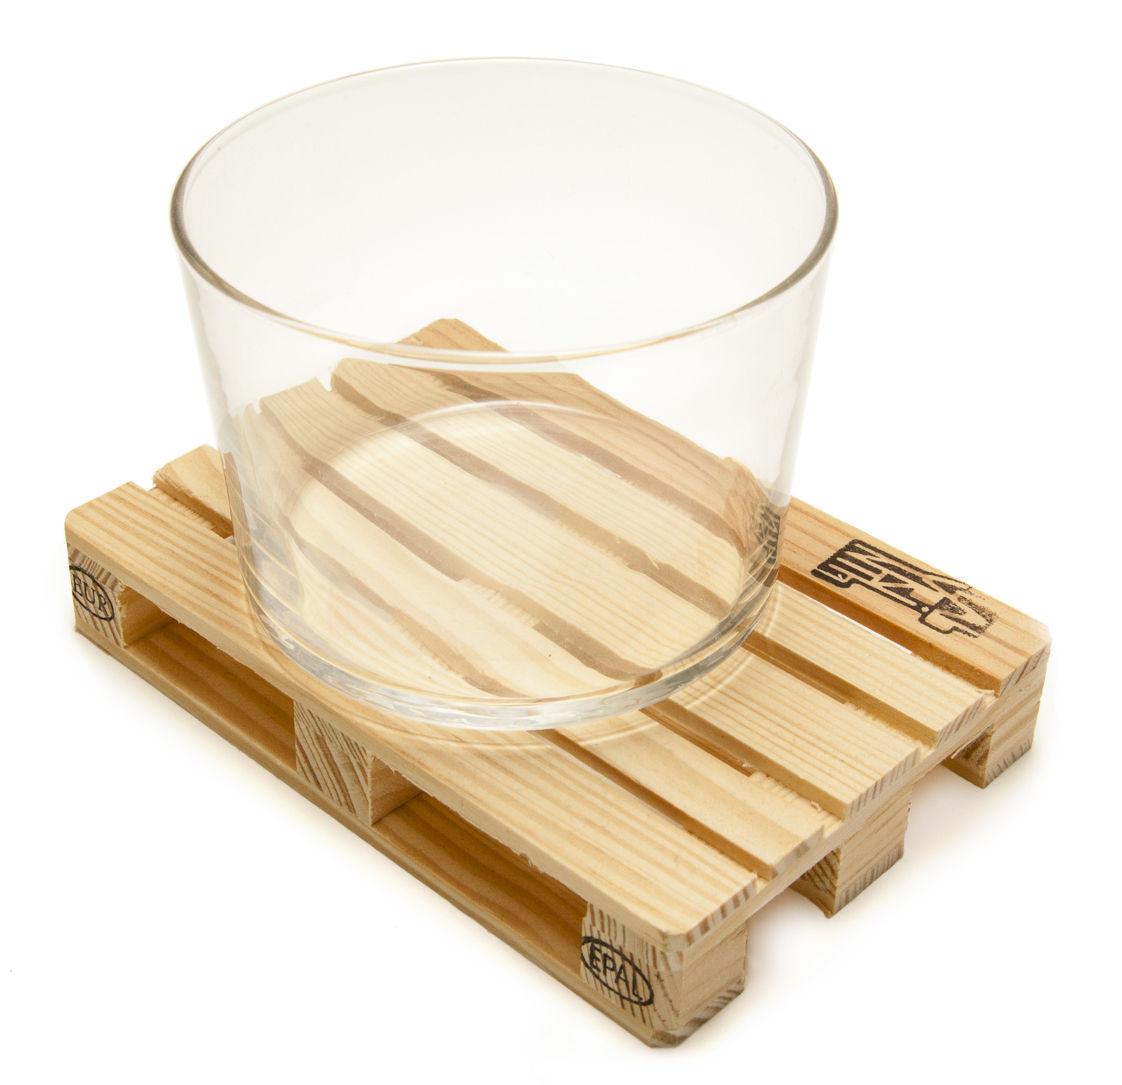 dessous de verre palette it lot de 4 bois naturel pa. Black Bedroom Furniture Sets. Home Design Ideas